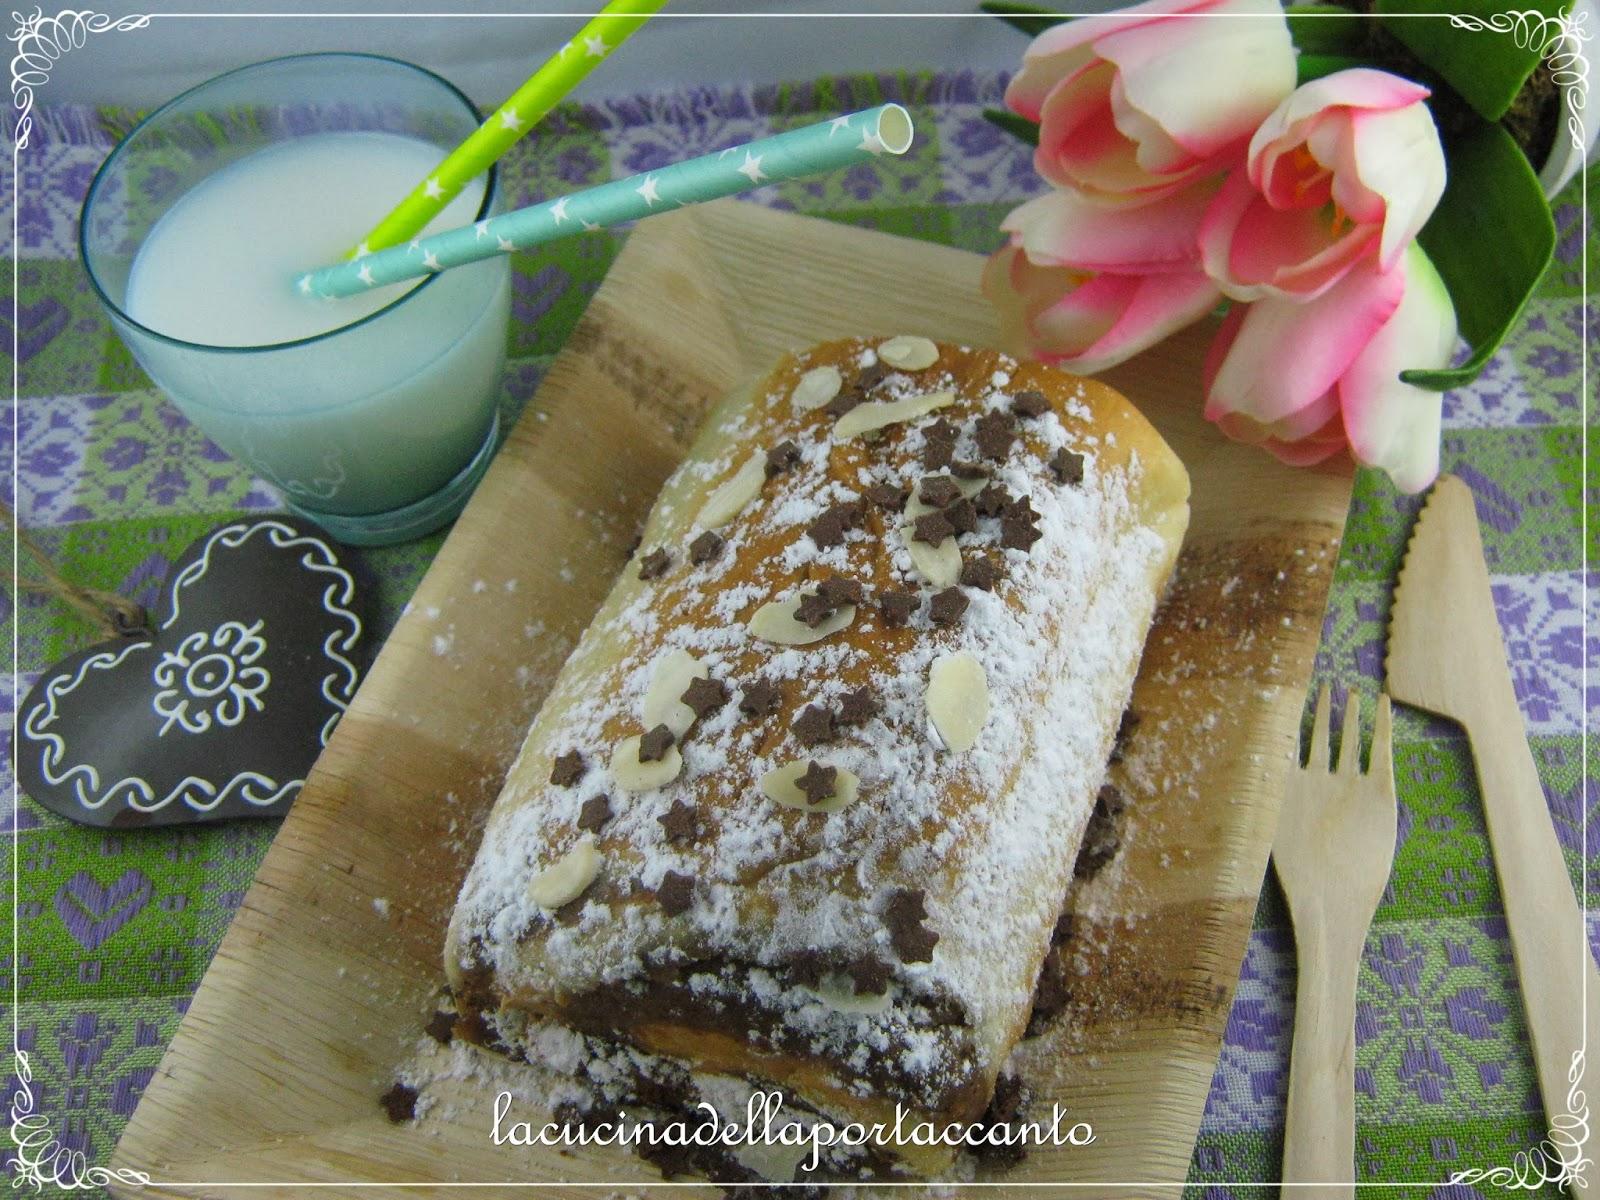 nuss strudel - strudel alla ricotta con castagne sciroppate al miele e crema alle nocciole